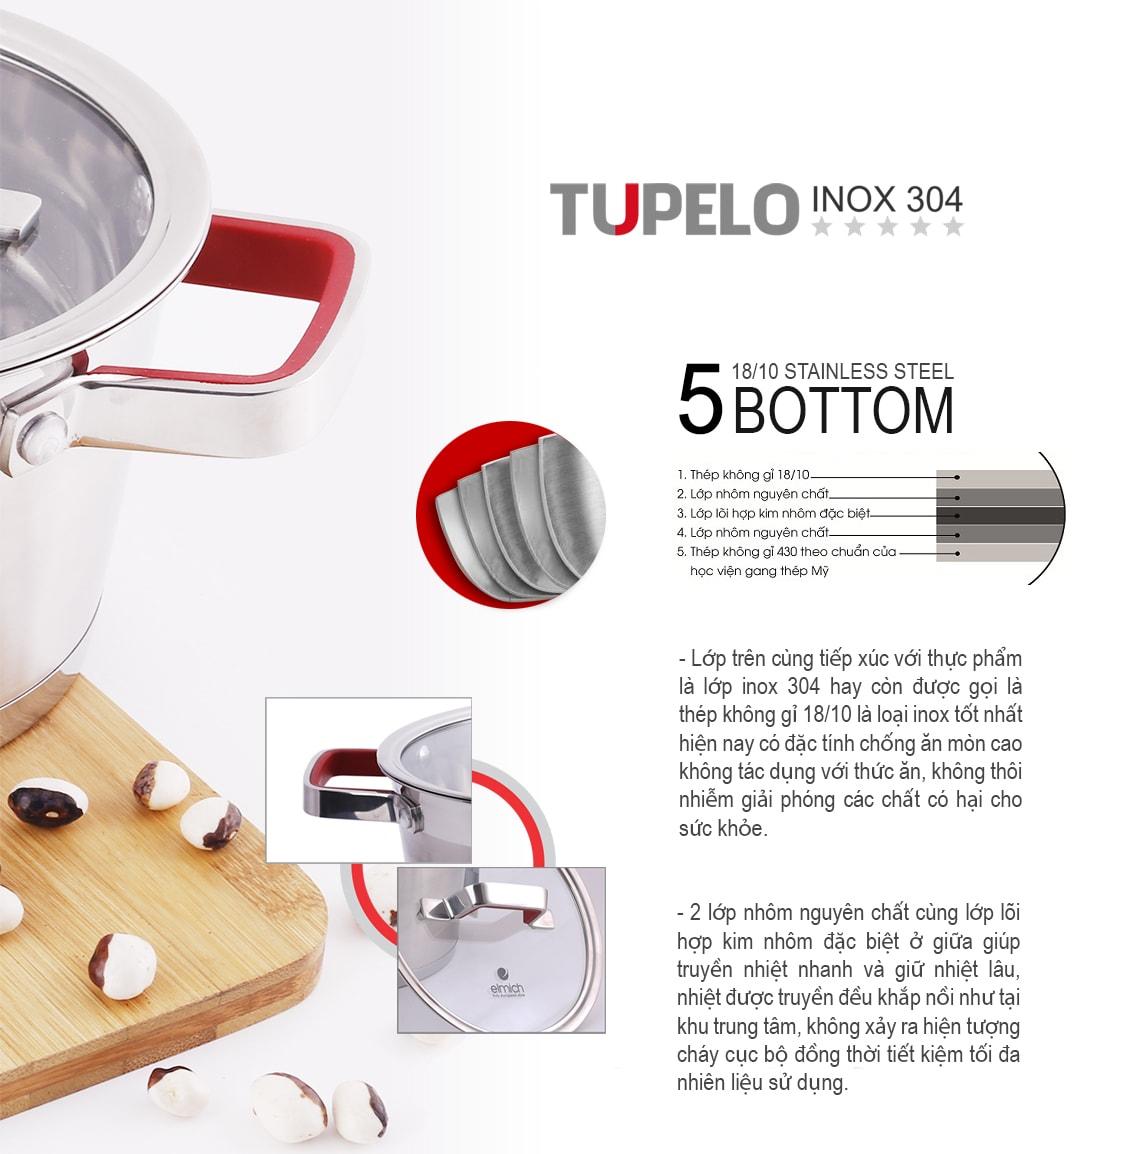 Bộ nồi Elmich inox 304 Tupelo 5 đáy quai cầm có silicon chống nóng